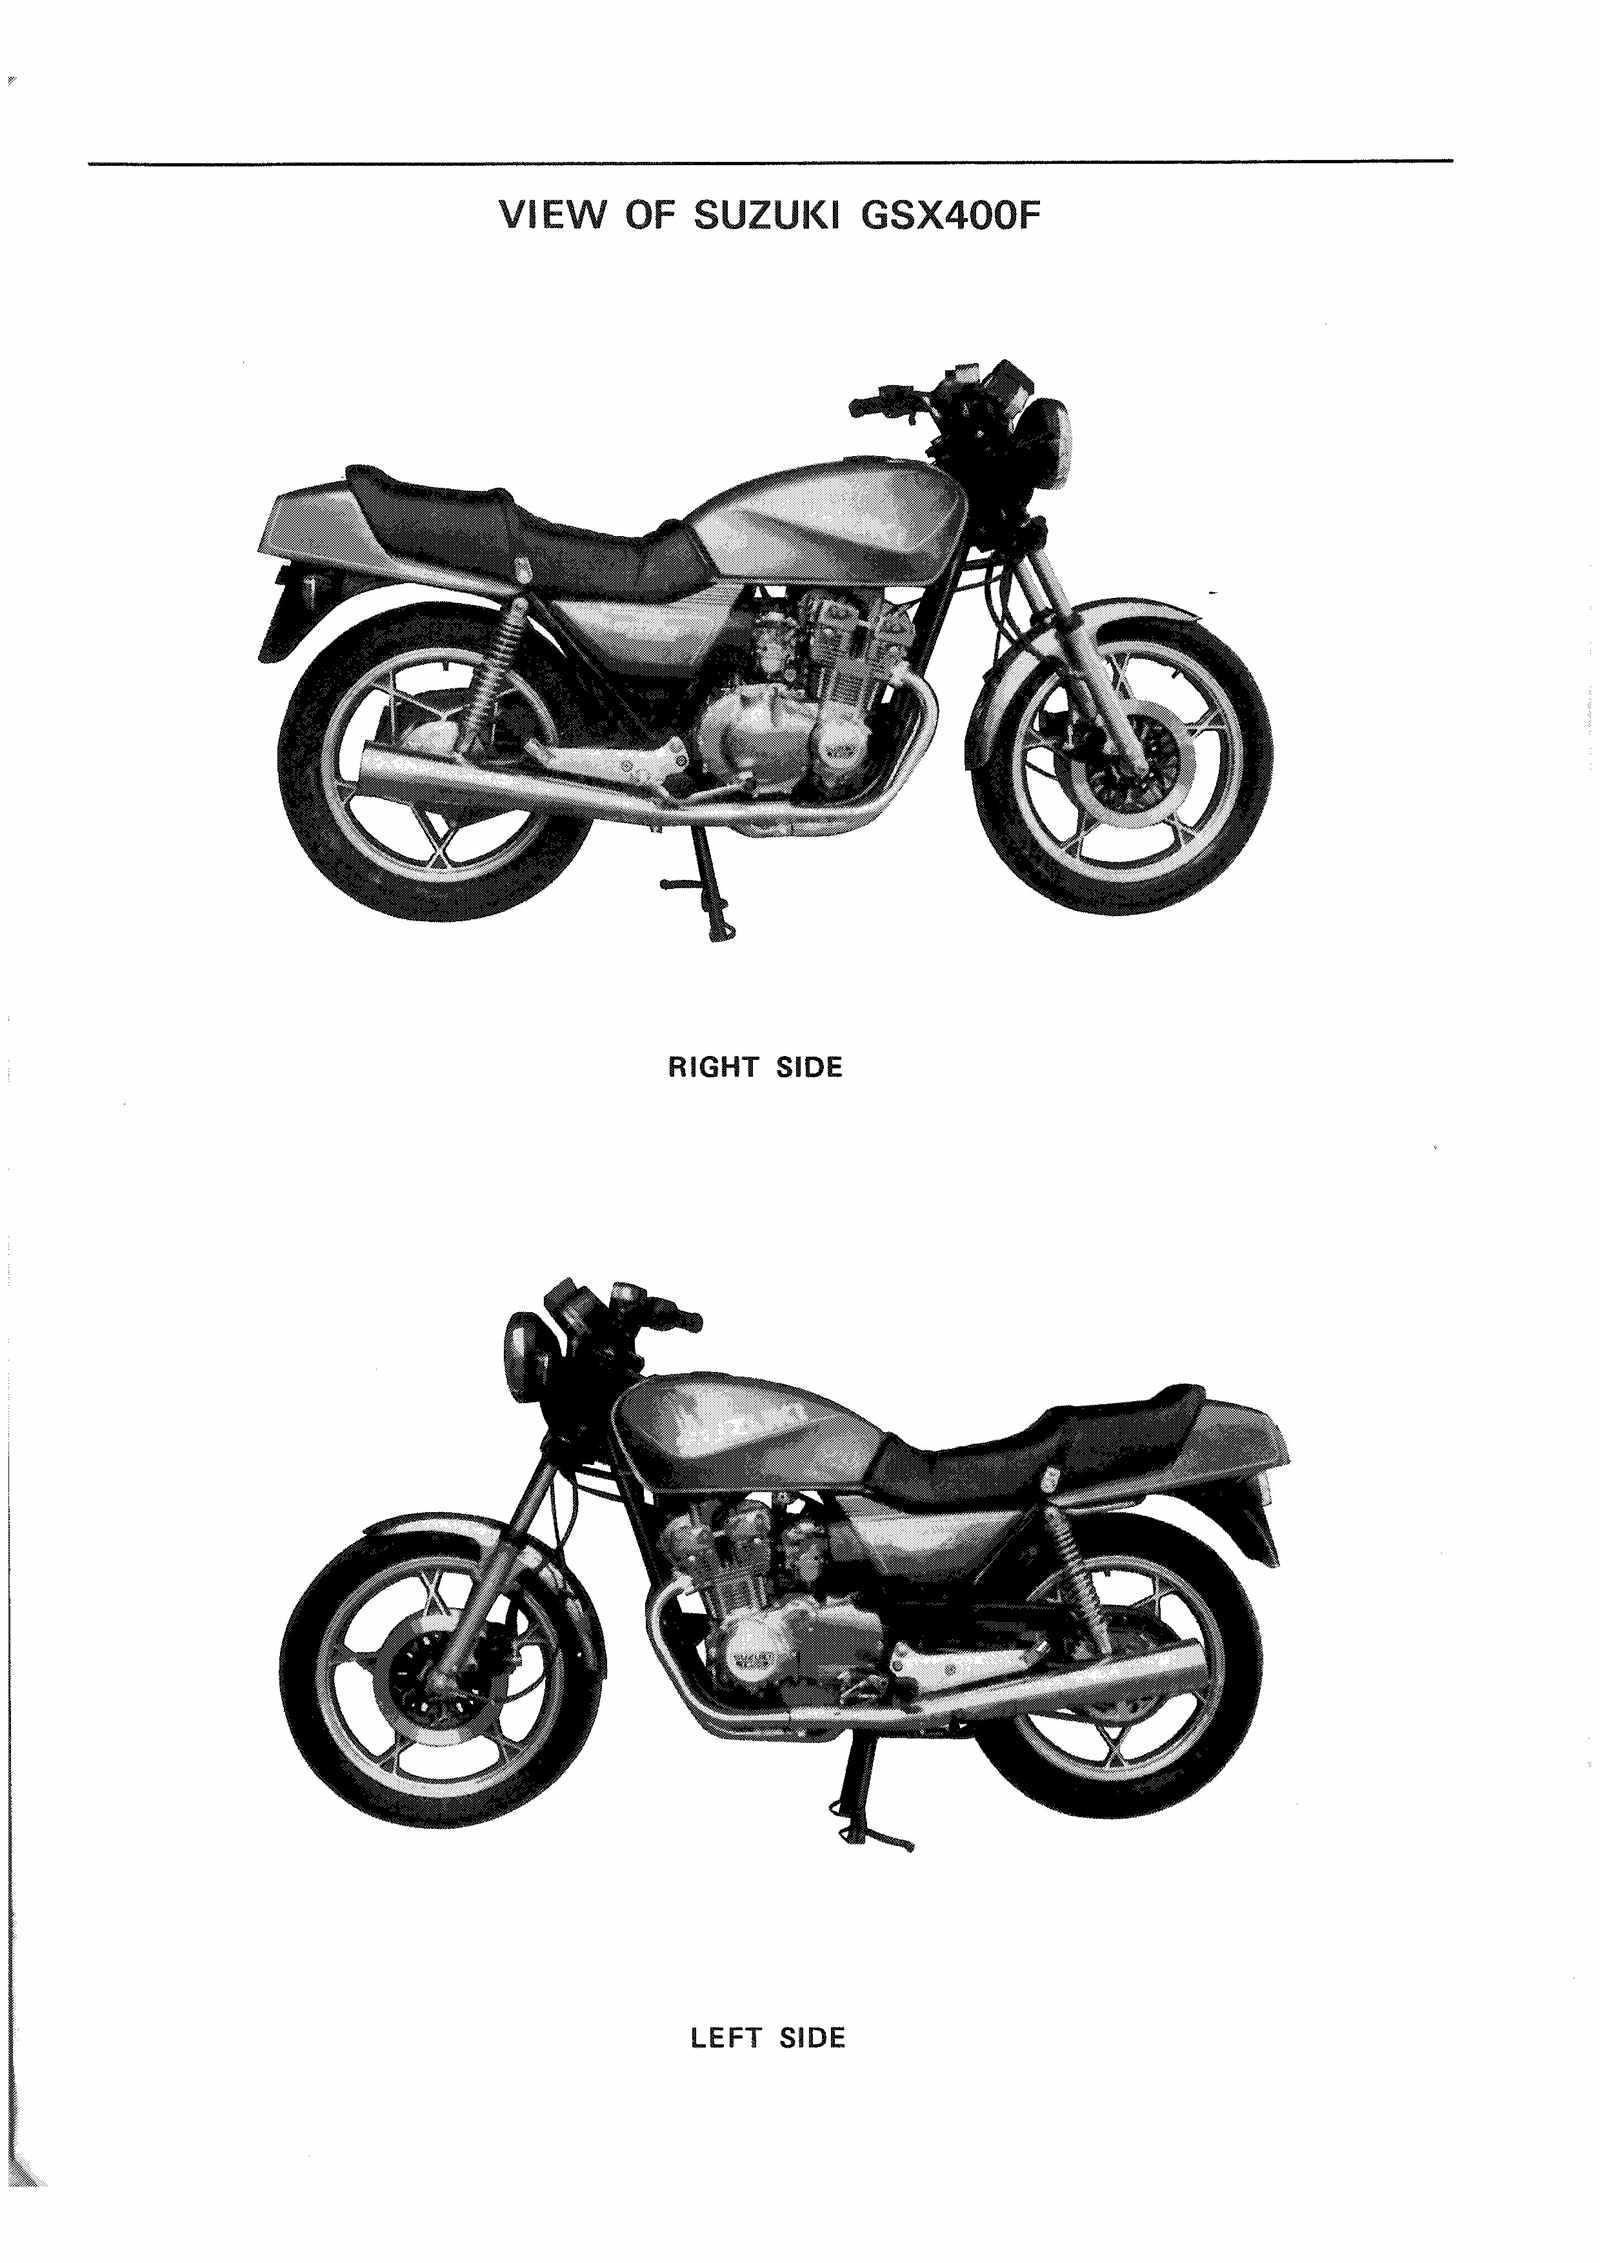 Suzuki GSX400 F FZ FD 81-83 Service Manual Free Download